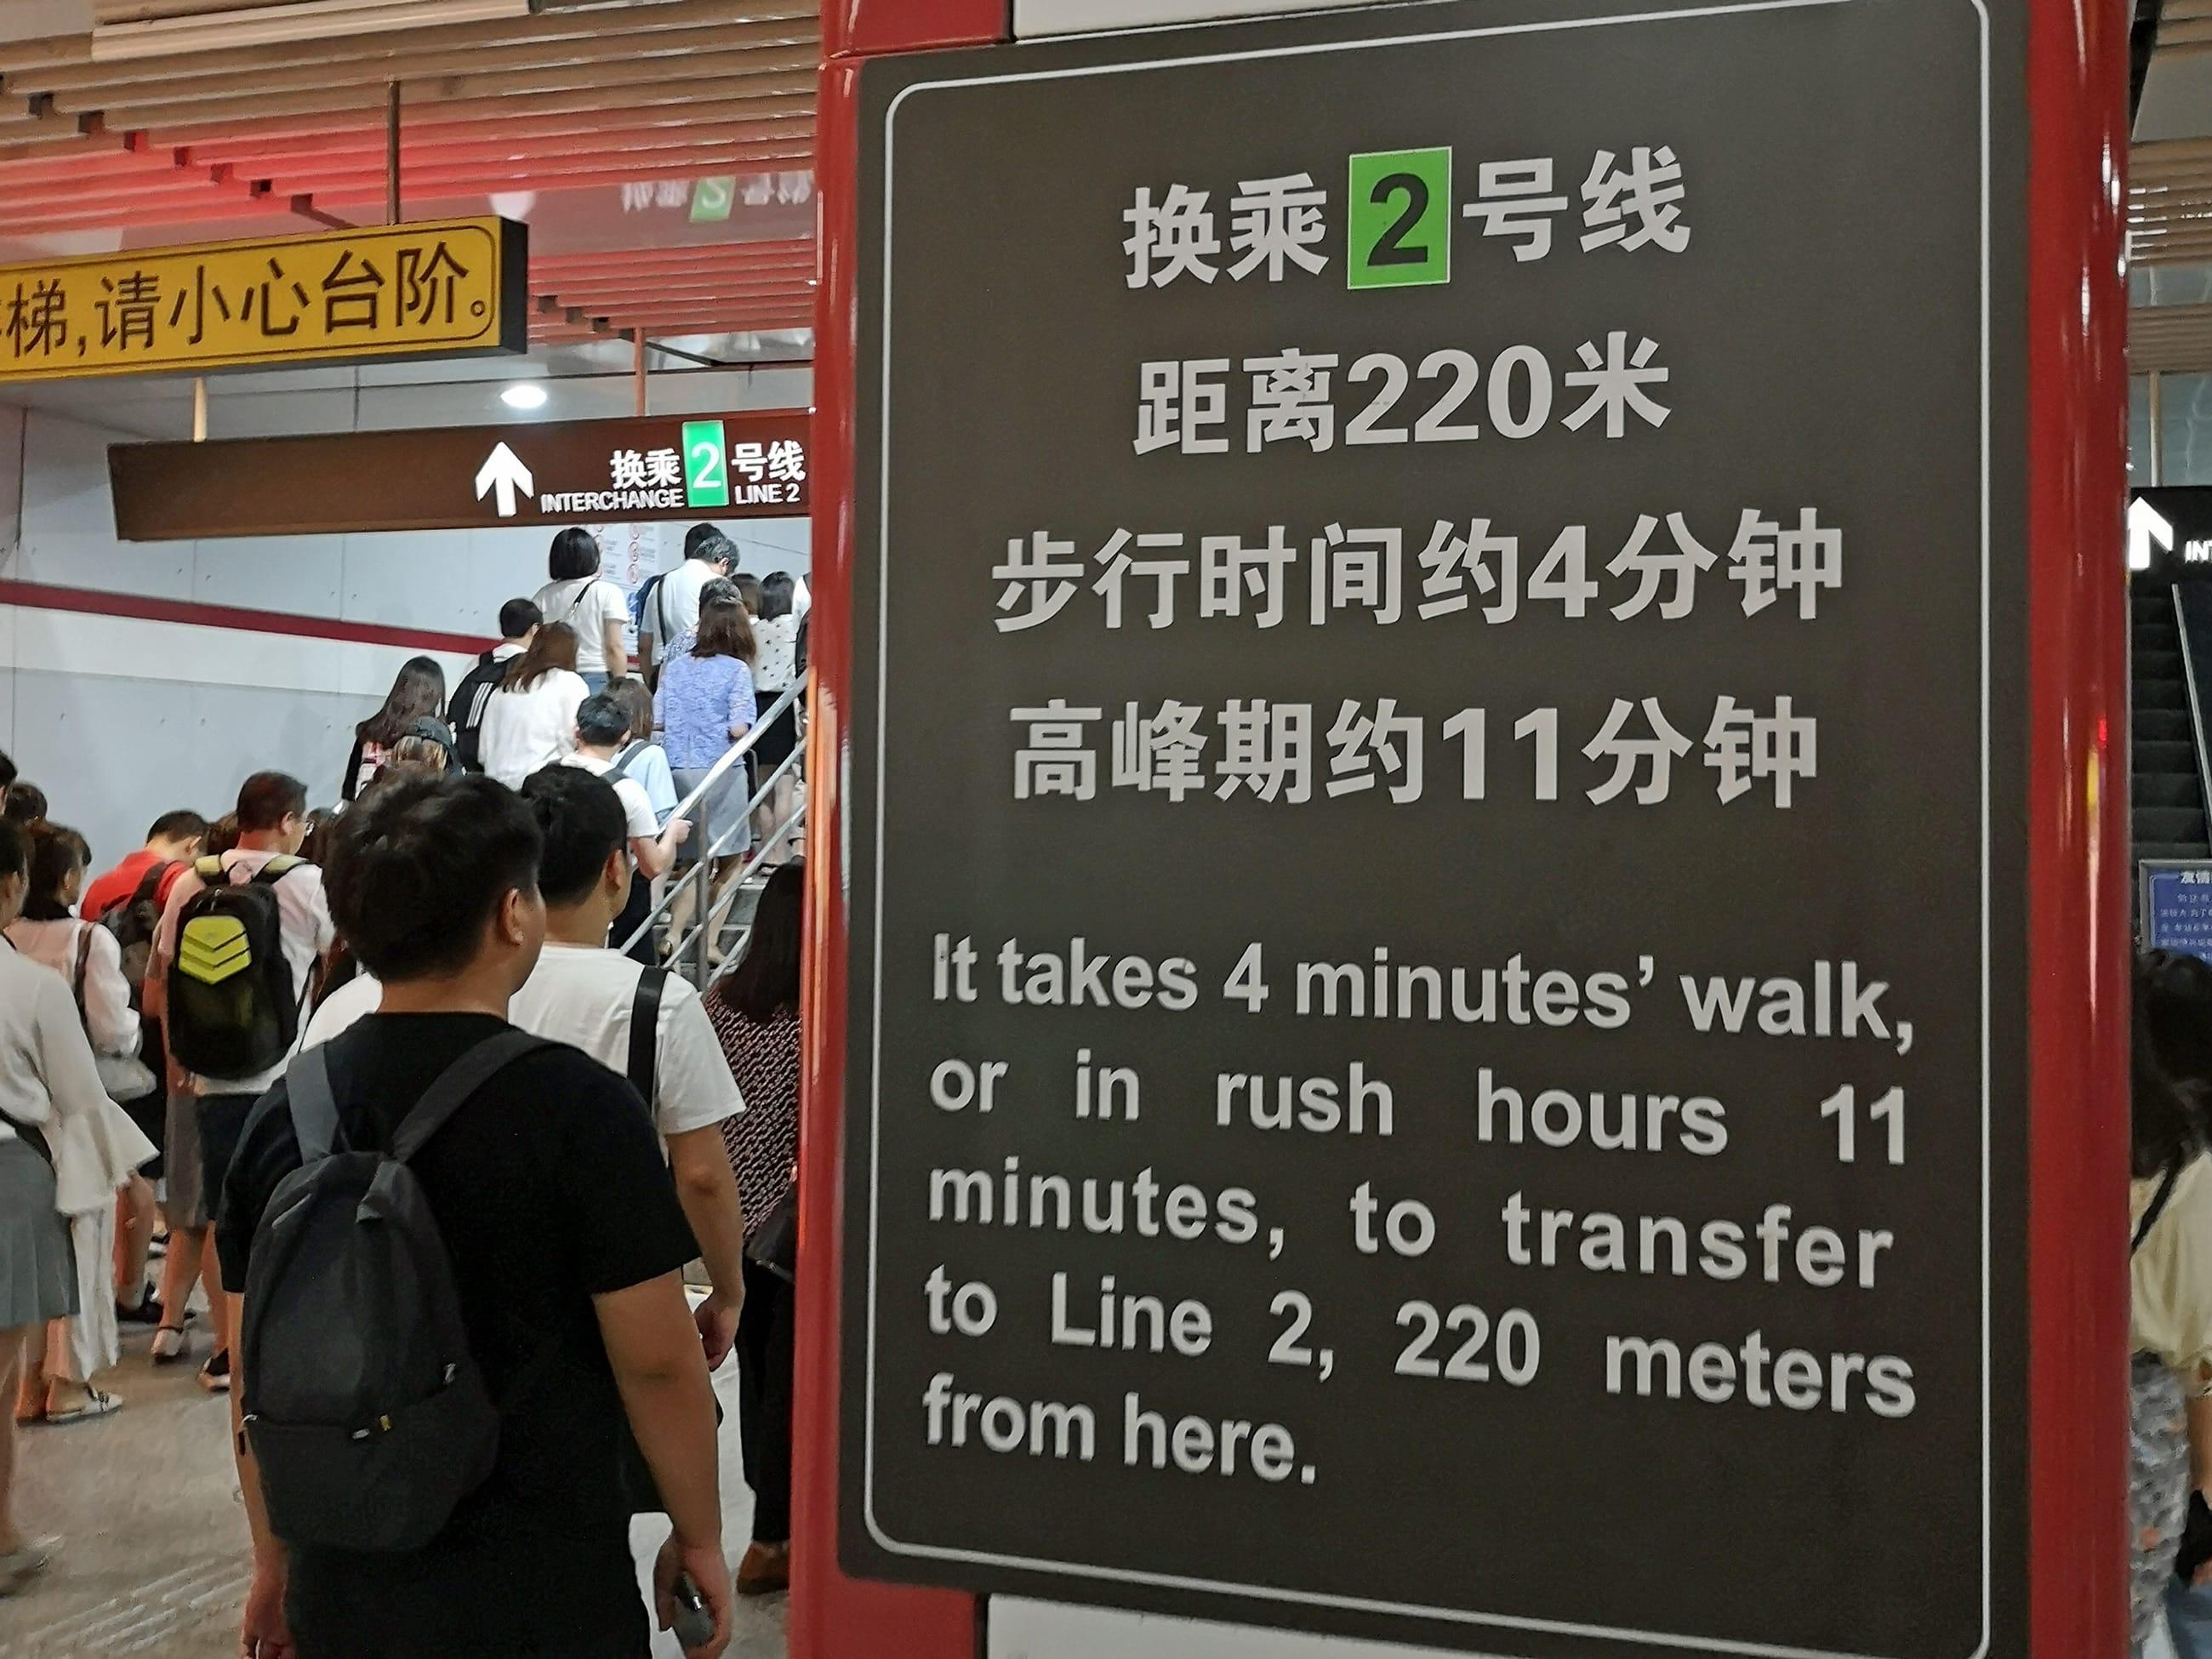 上海市内「江蘇路」の駅の乗客向け看板